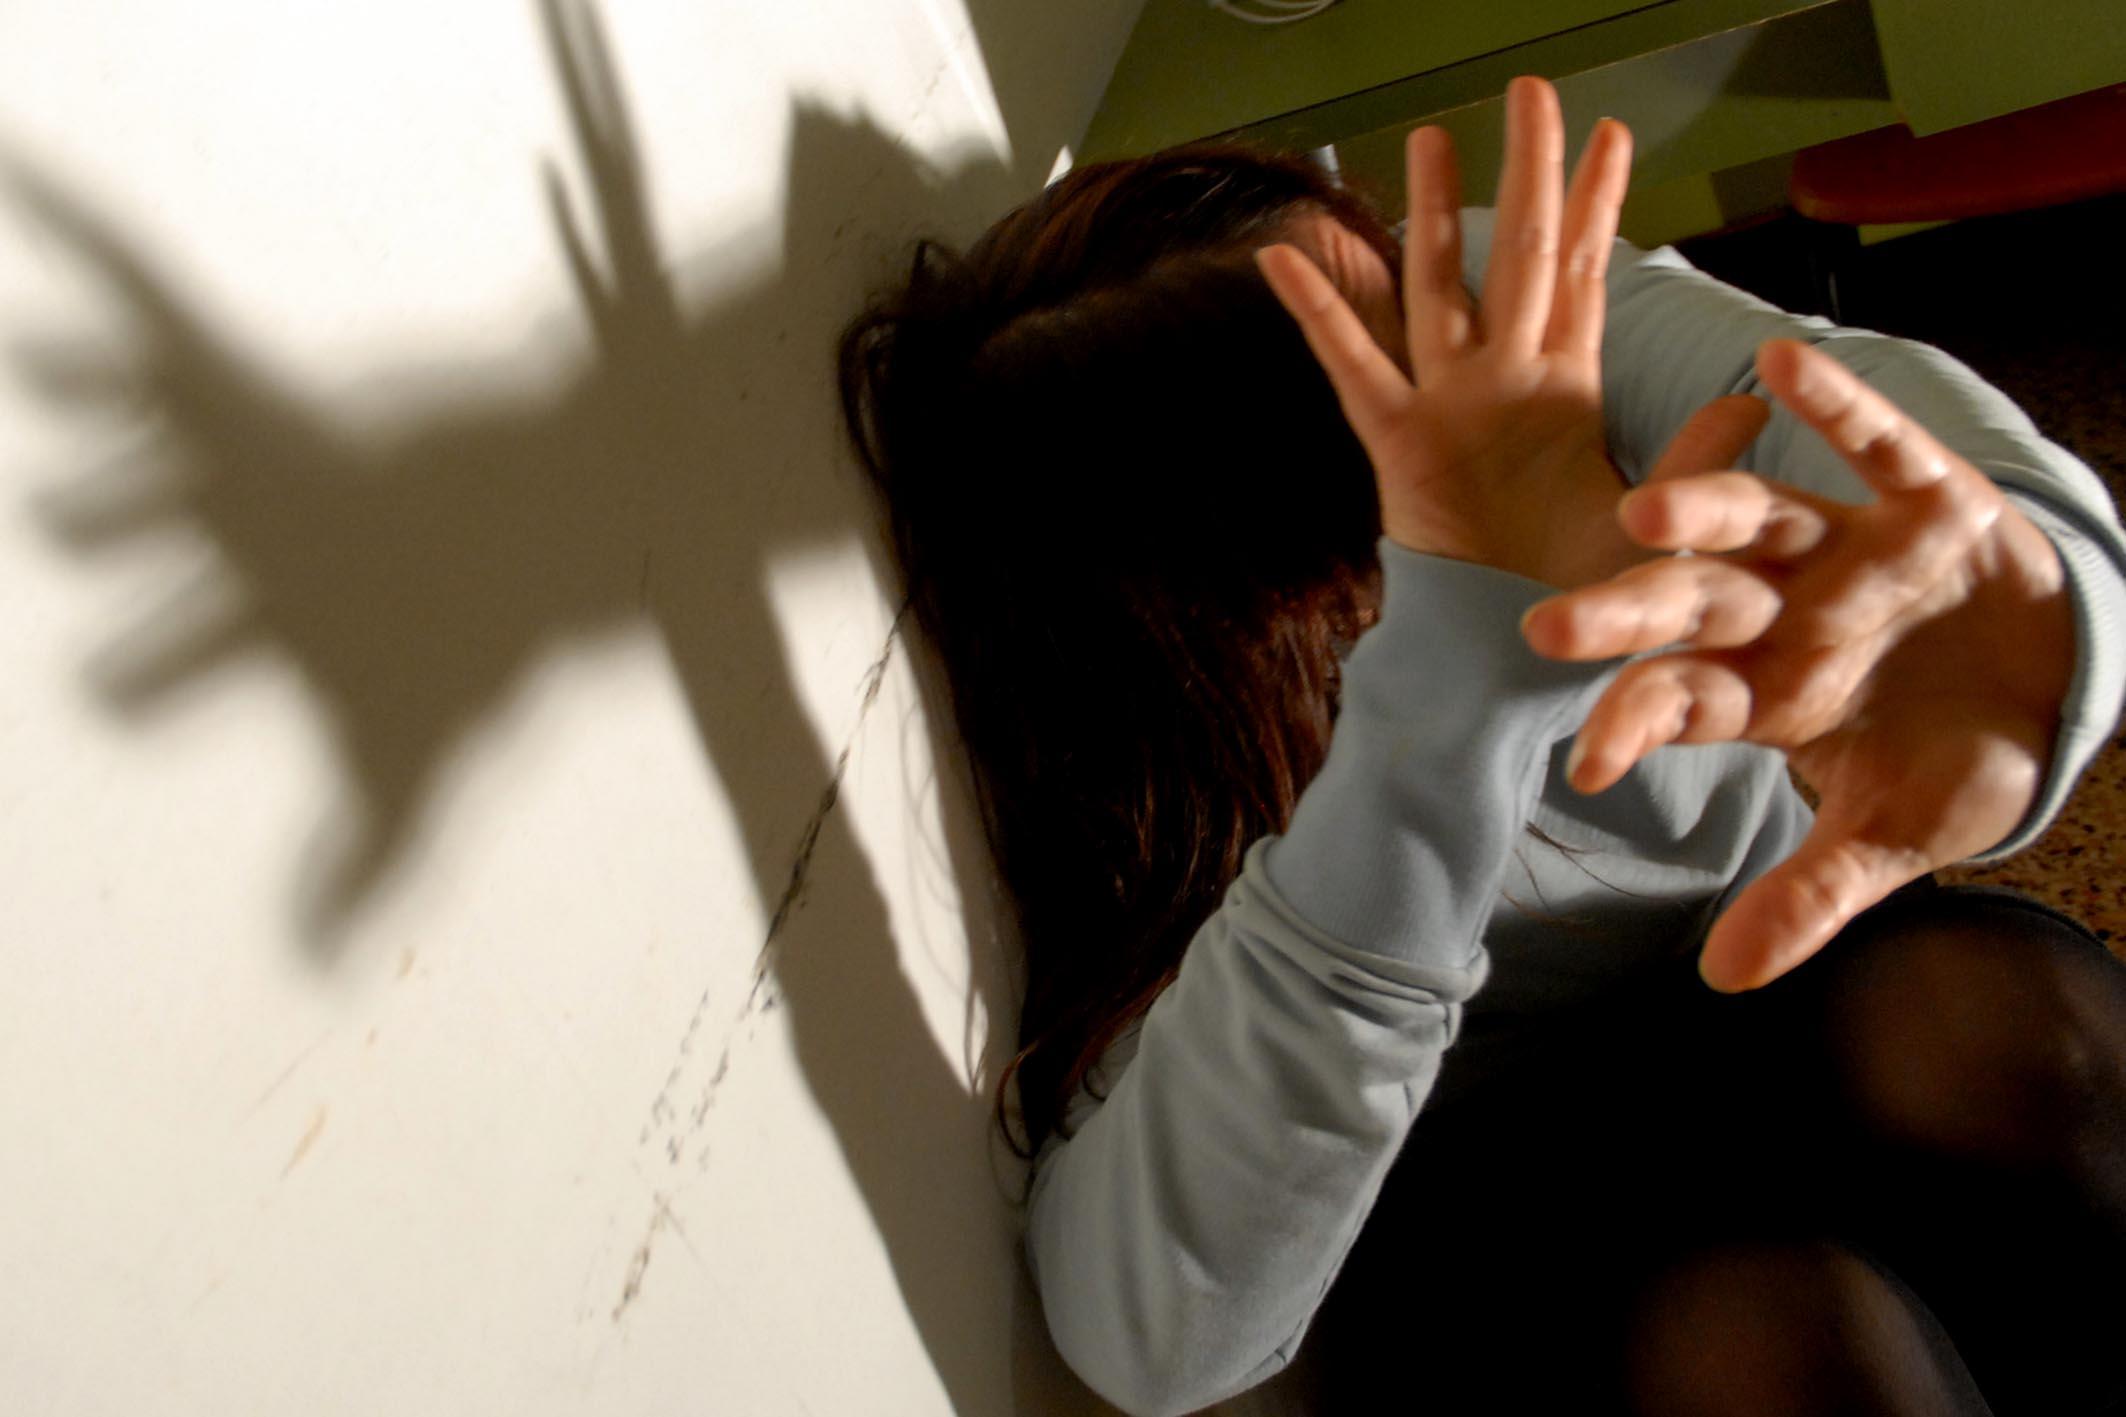 Napoli| Giornata internazionale contro la violenza sulle donne